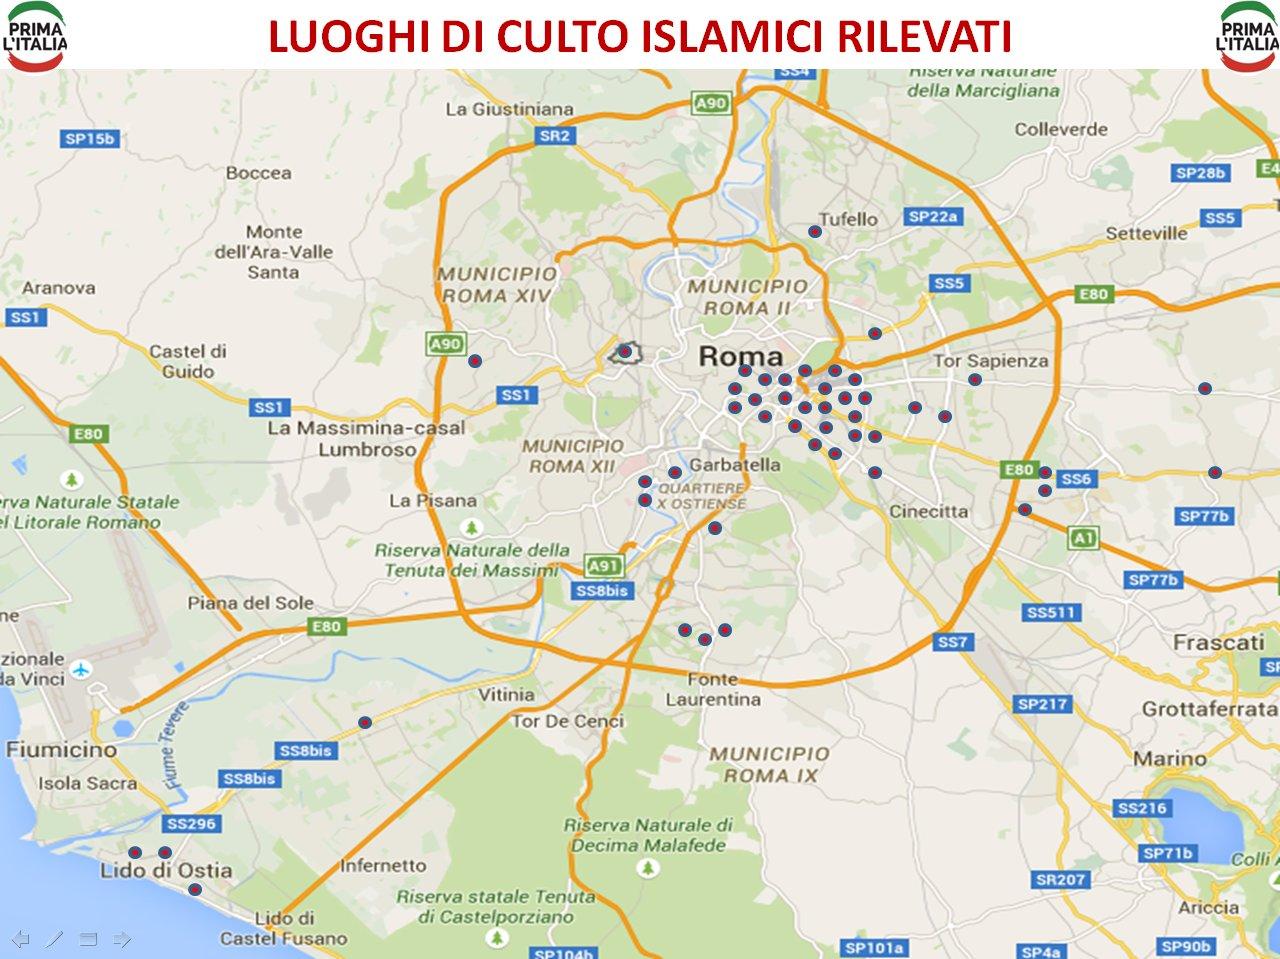 Luoghi di culto islamici a Roma - jpeg